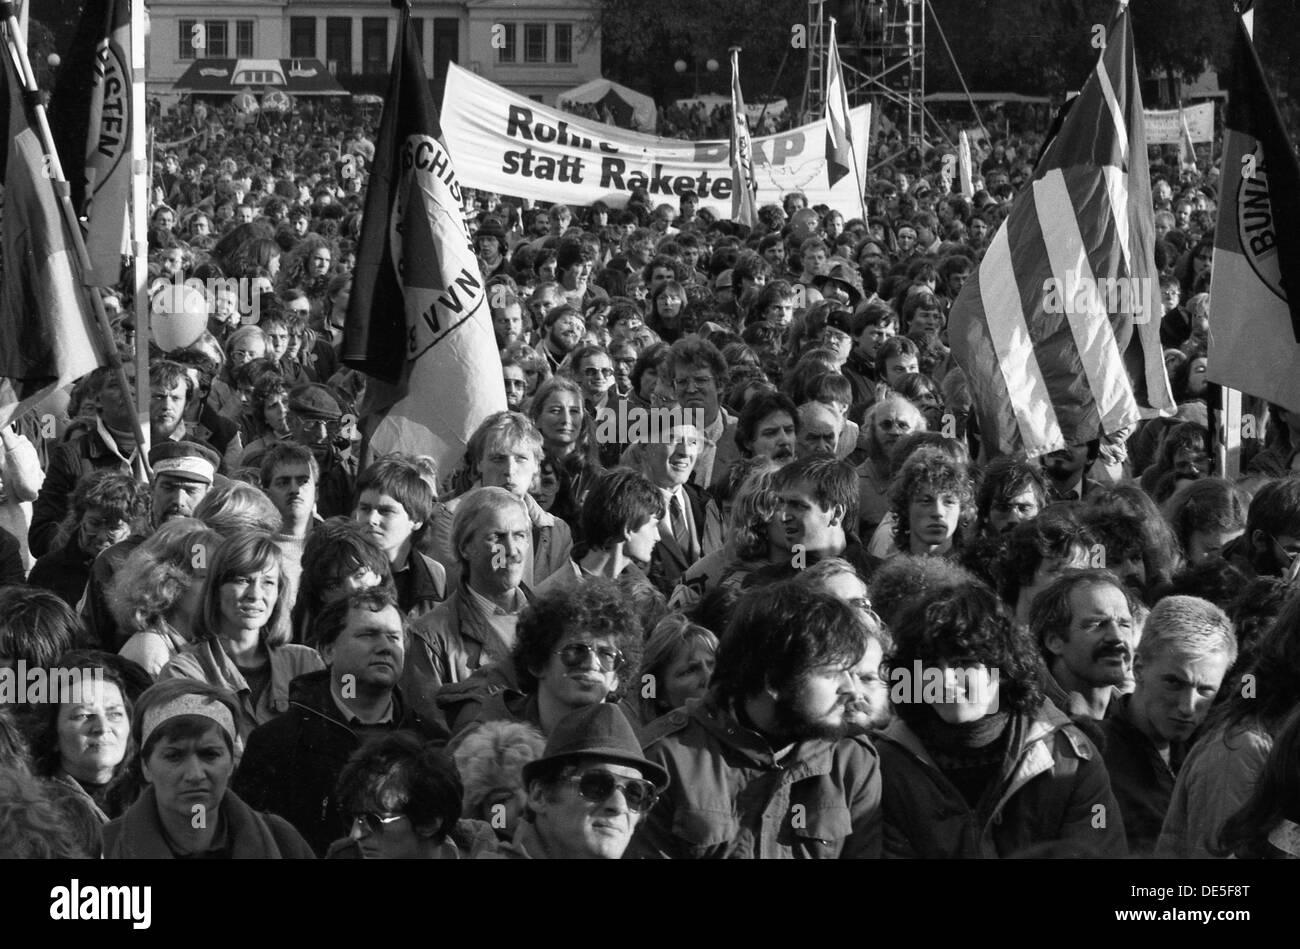 Le mouvement de la paix aujourd'hui, il y a 29 ans était un mouvement de masse qu'une grande partie de la population représentée, comme ici avec des chaînes humaines en face de Mannesmann à Duisburg et même programmer leur rassemblement à Bonner   Hofgarten. Photo Stock